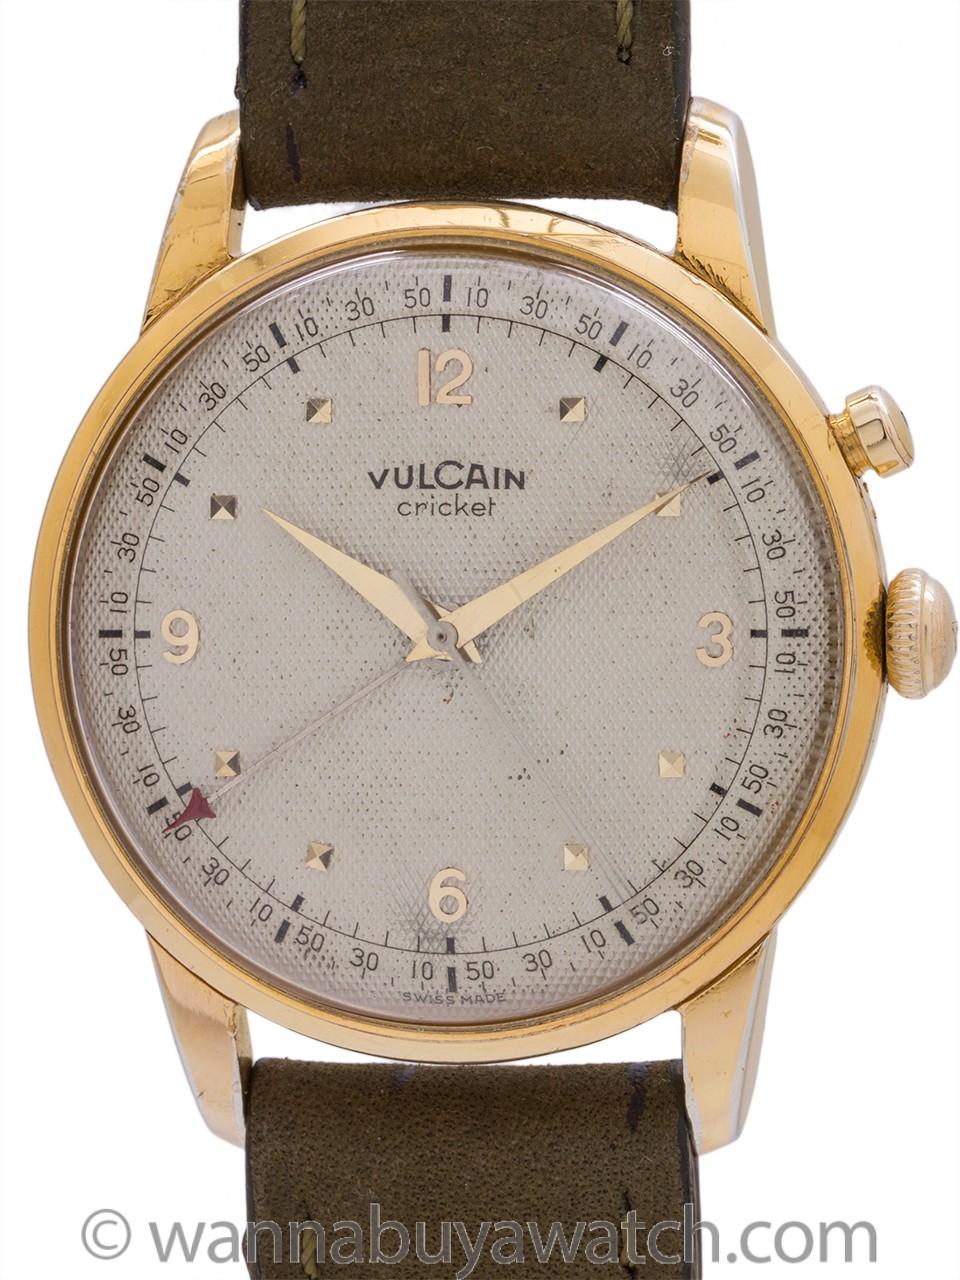 Vulcain Cricket Oversize Alarm Waffle Dial circa 1950's